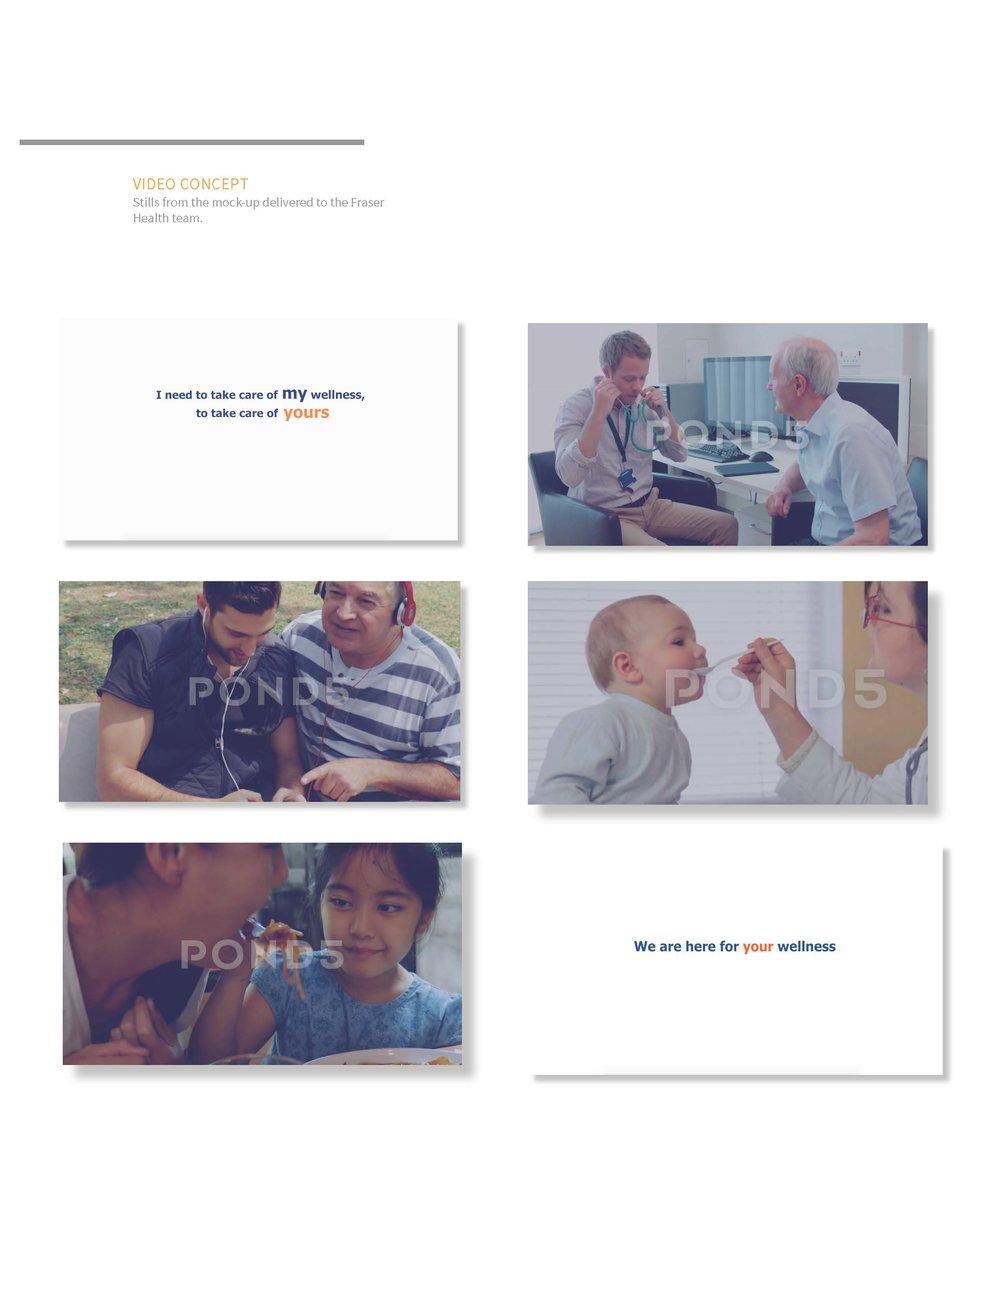 Copy of HDL_Fraser_Health_V4_Page_52.jpg